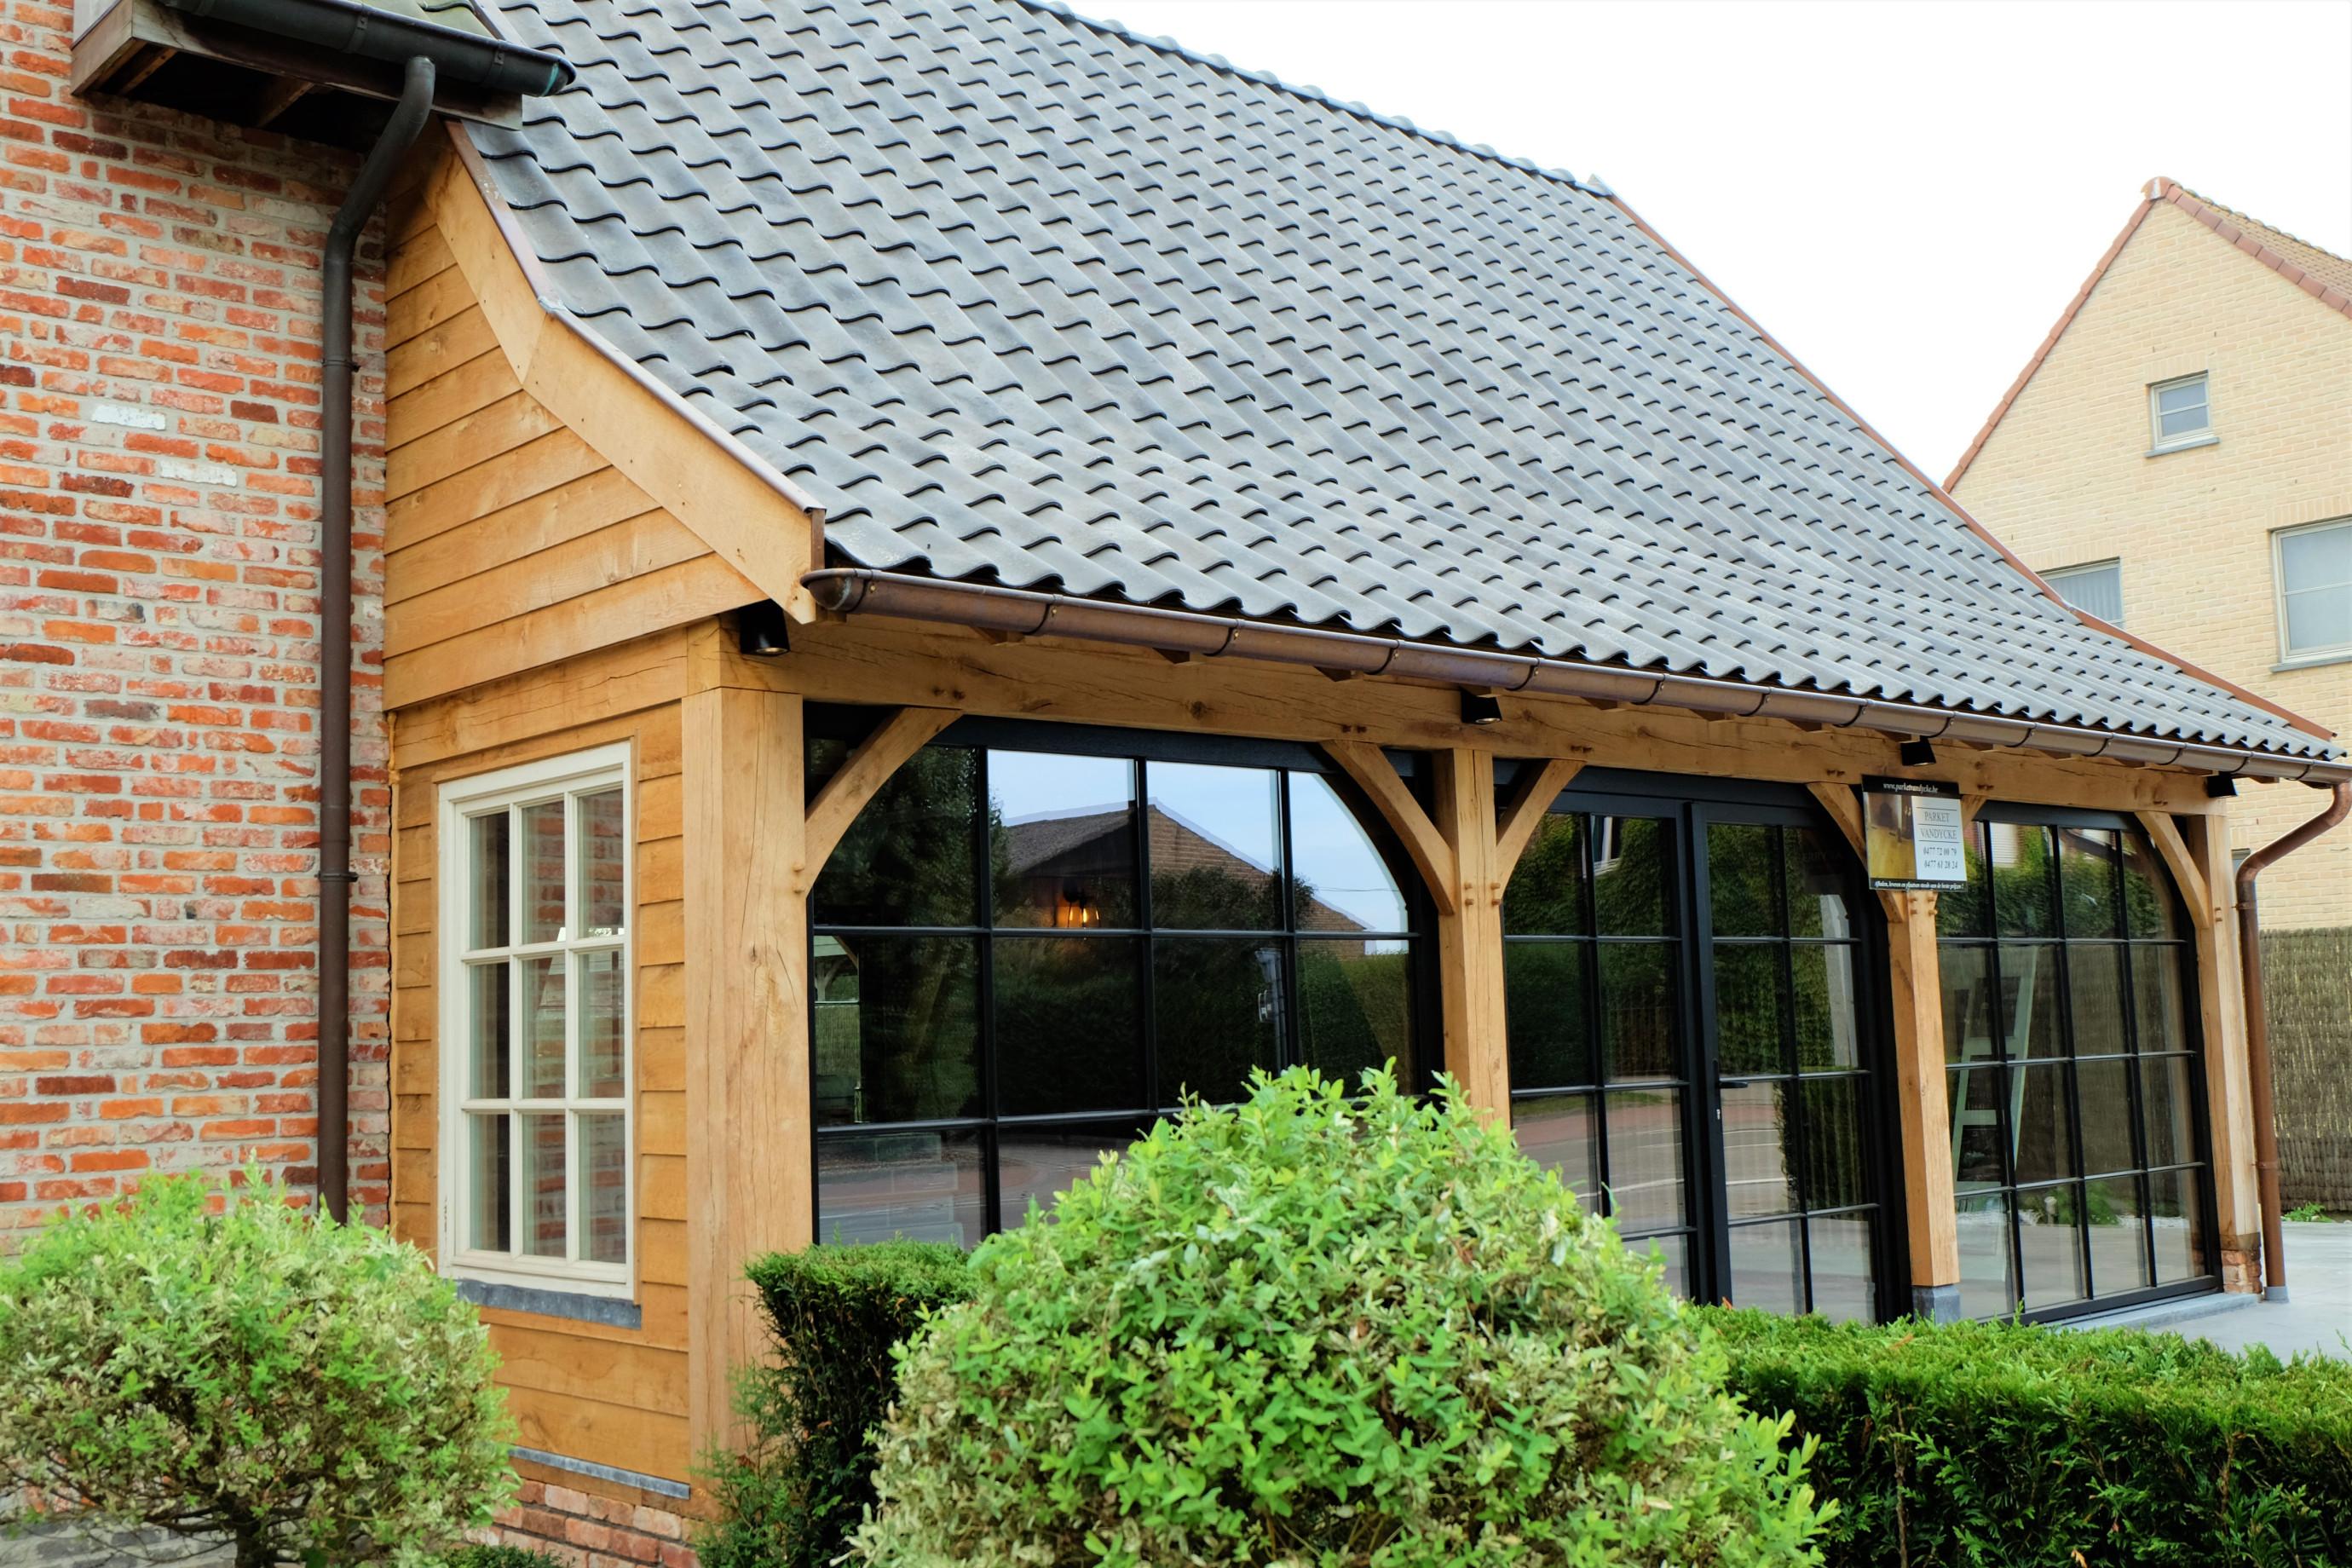 Deze prachtige houten aanbouw in landelijke stijl werd deskundig gerealiseerd door Vanhauwood. Voor de opbouw van de eiken aanbouw werd gebruik gemaakt van een op maat gemaakt eiken bouwpakket vervaardigd door Cornelis Hout.